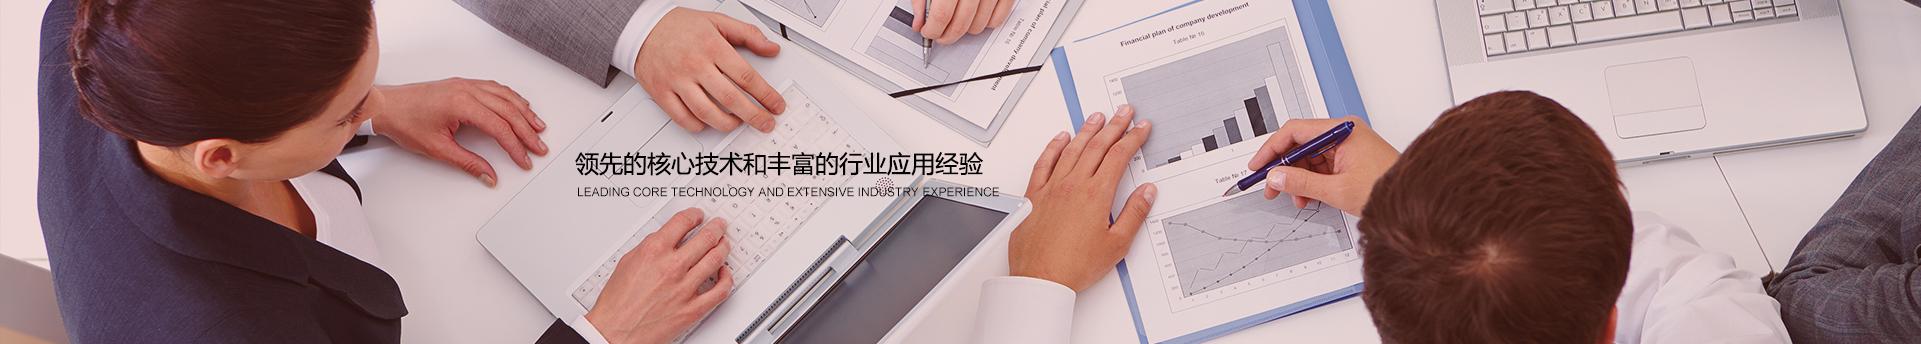 資料下載banner